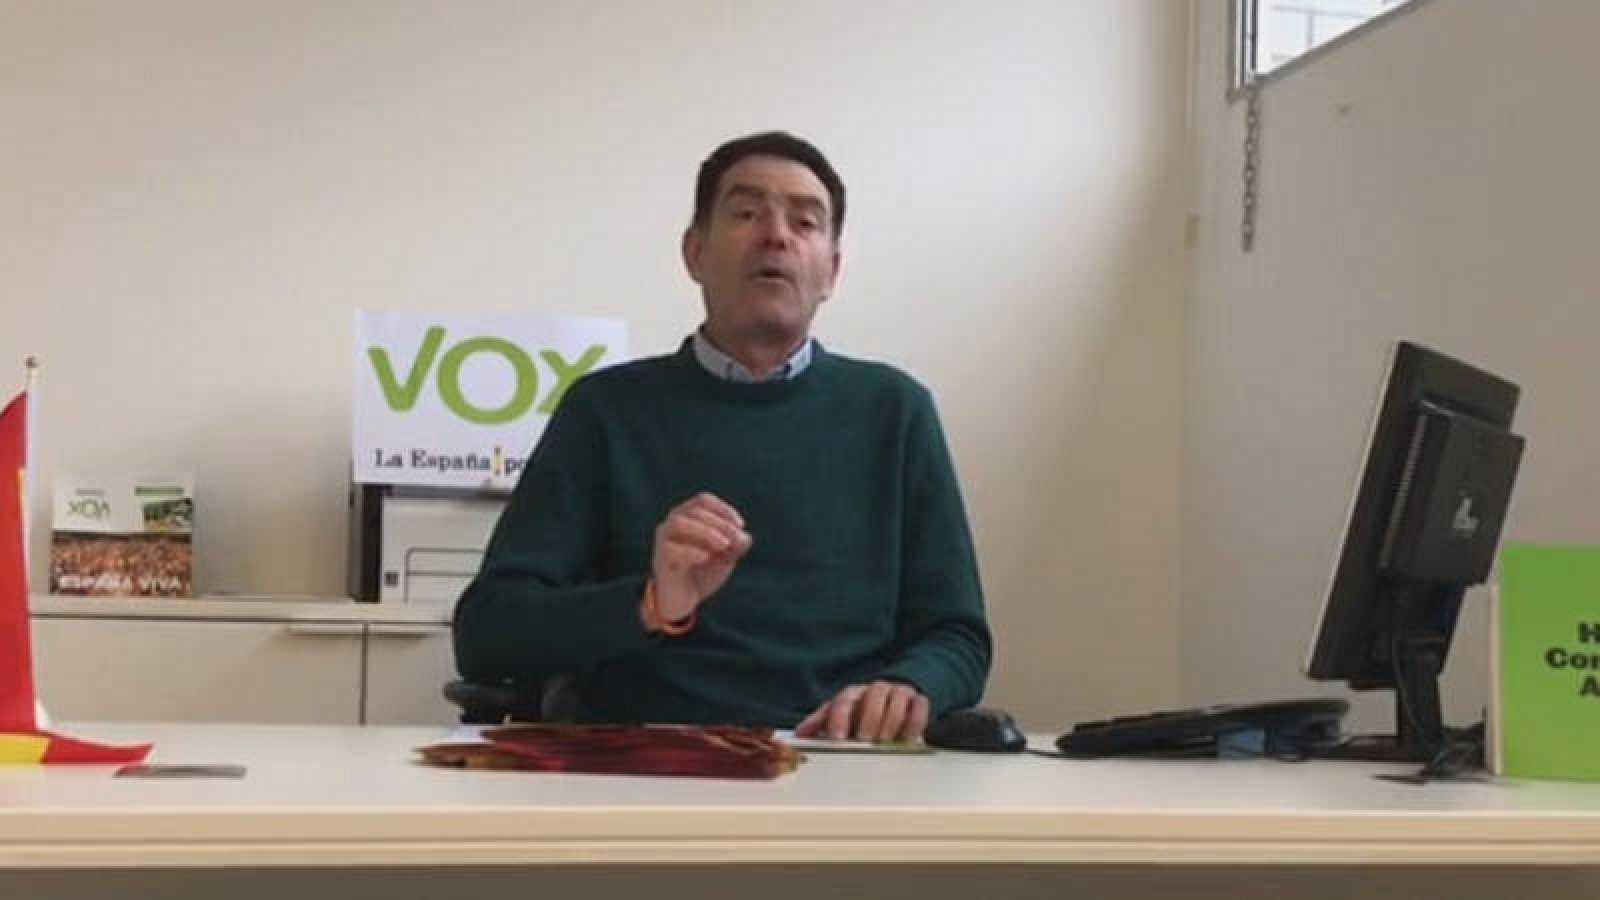 Imagen de José Antonio Ortiz Cambray, presidente de Vox en Lleida, en un video publicado por él mismo.